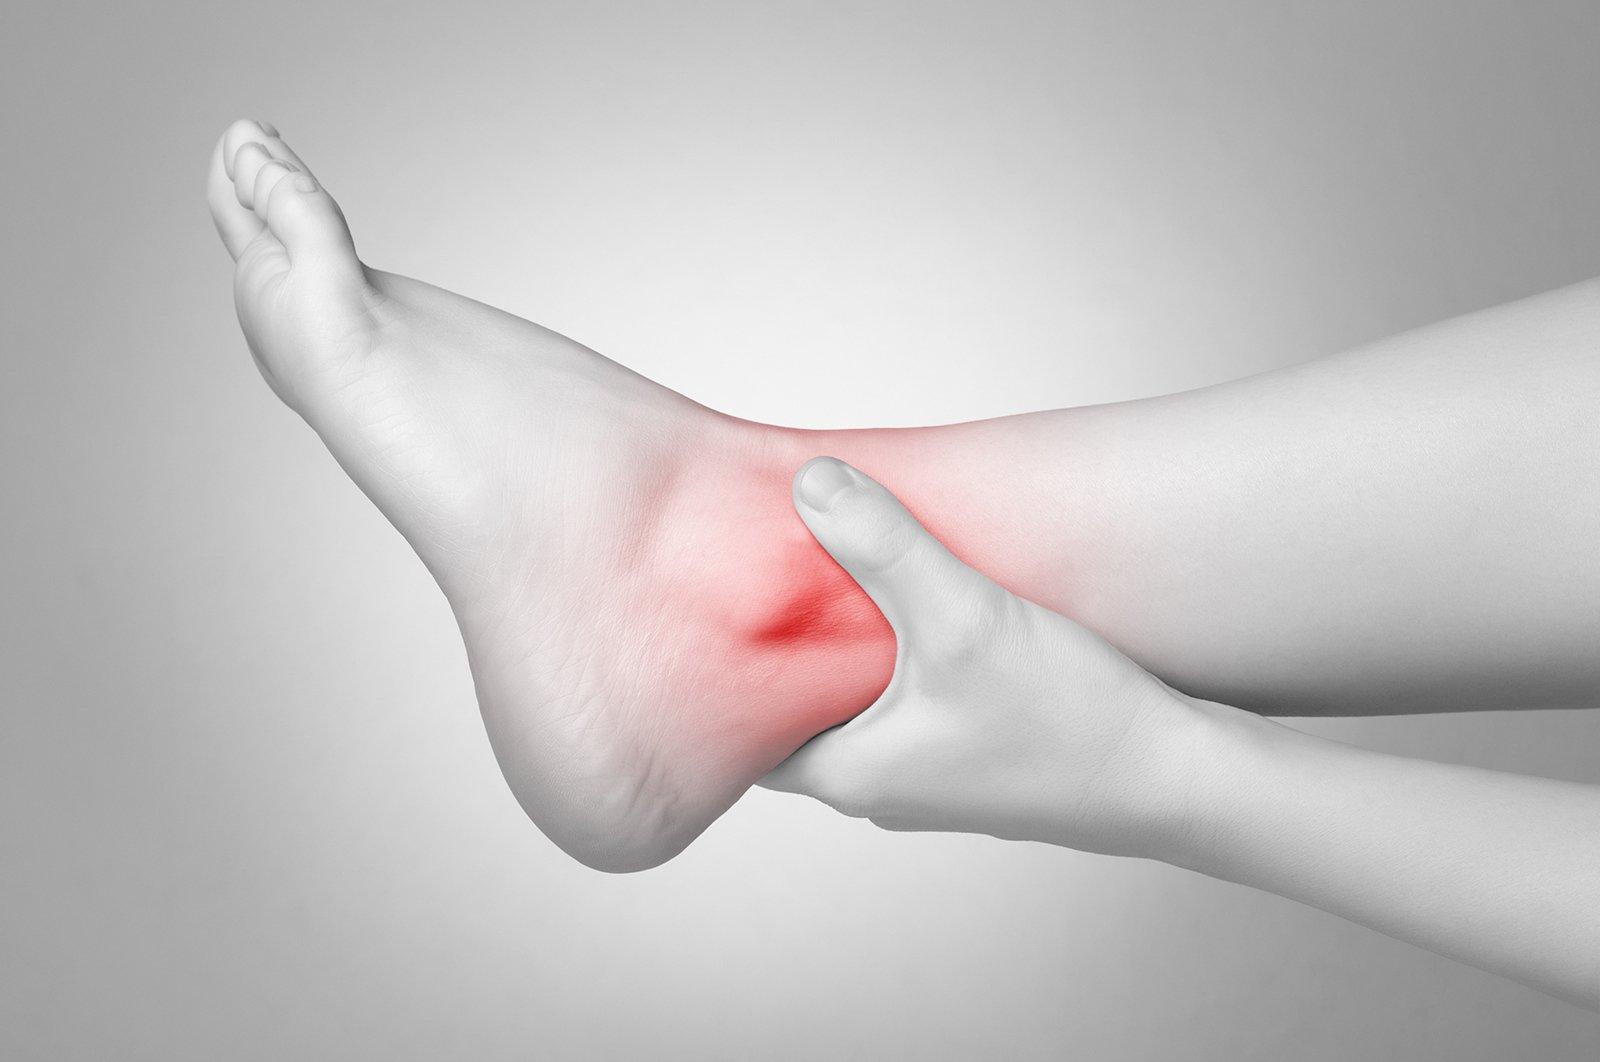 Лечение перелома лодыжки хирургическим и нехиругрическим методами